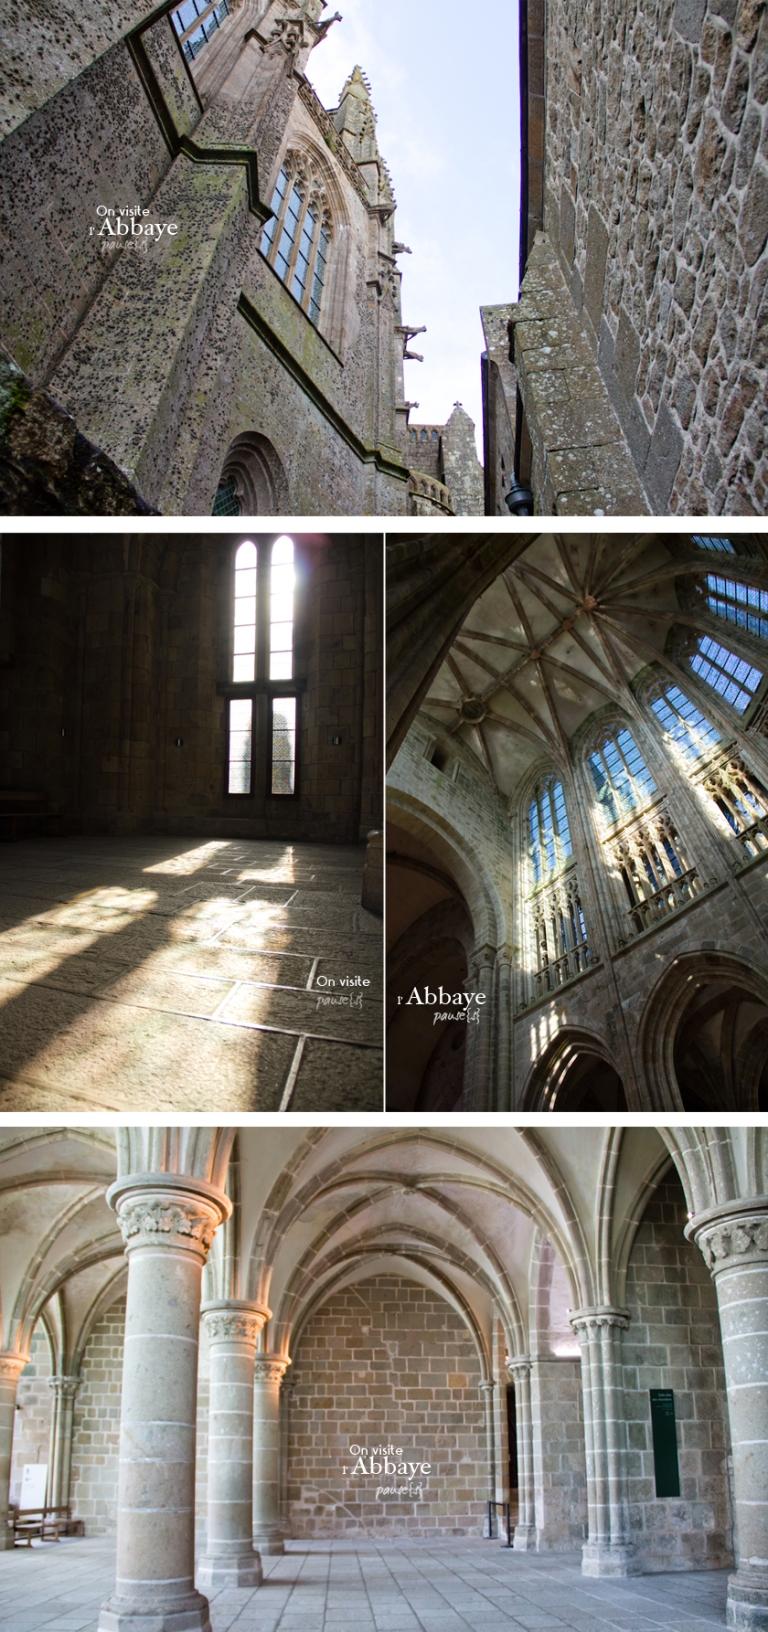 abbaye-5